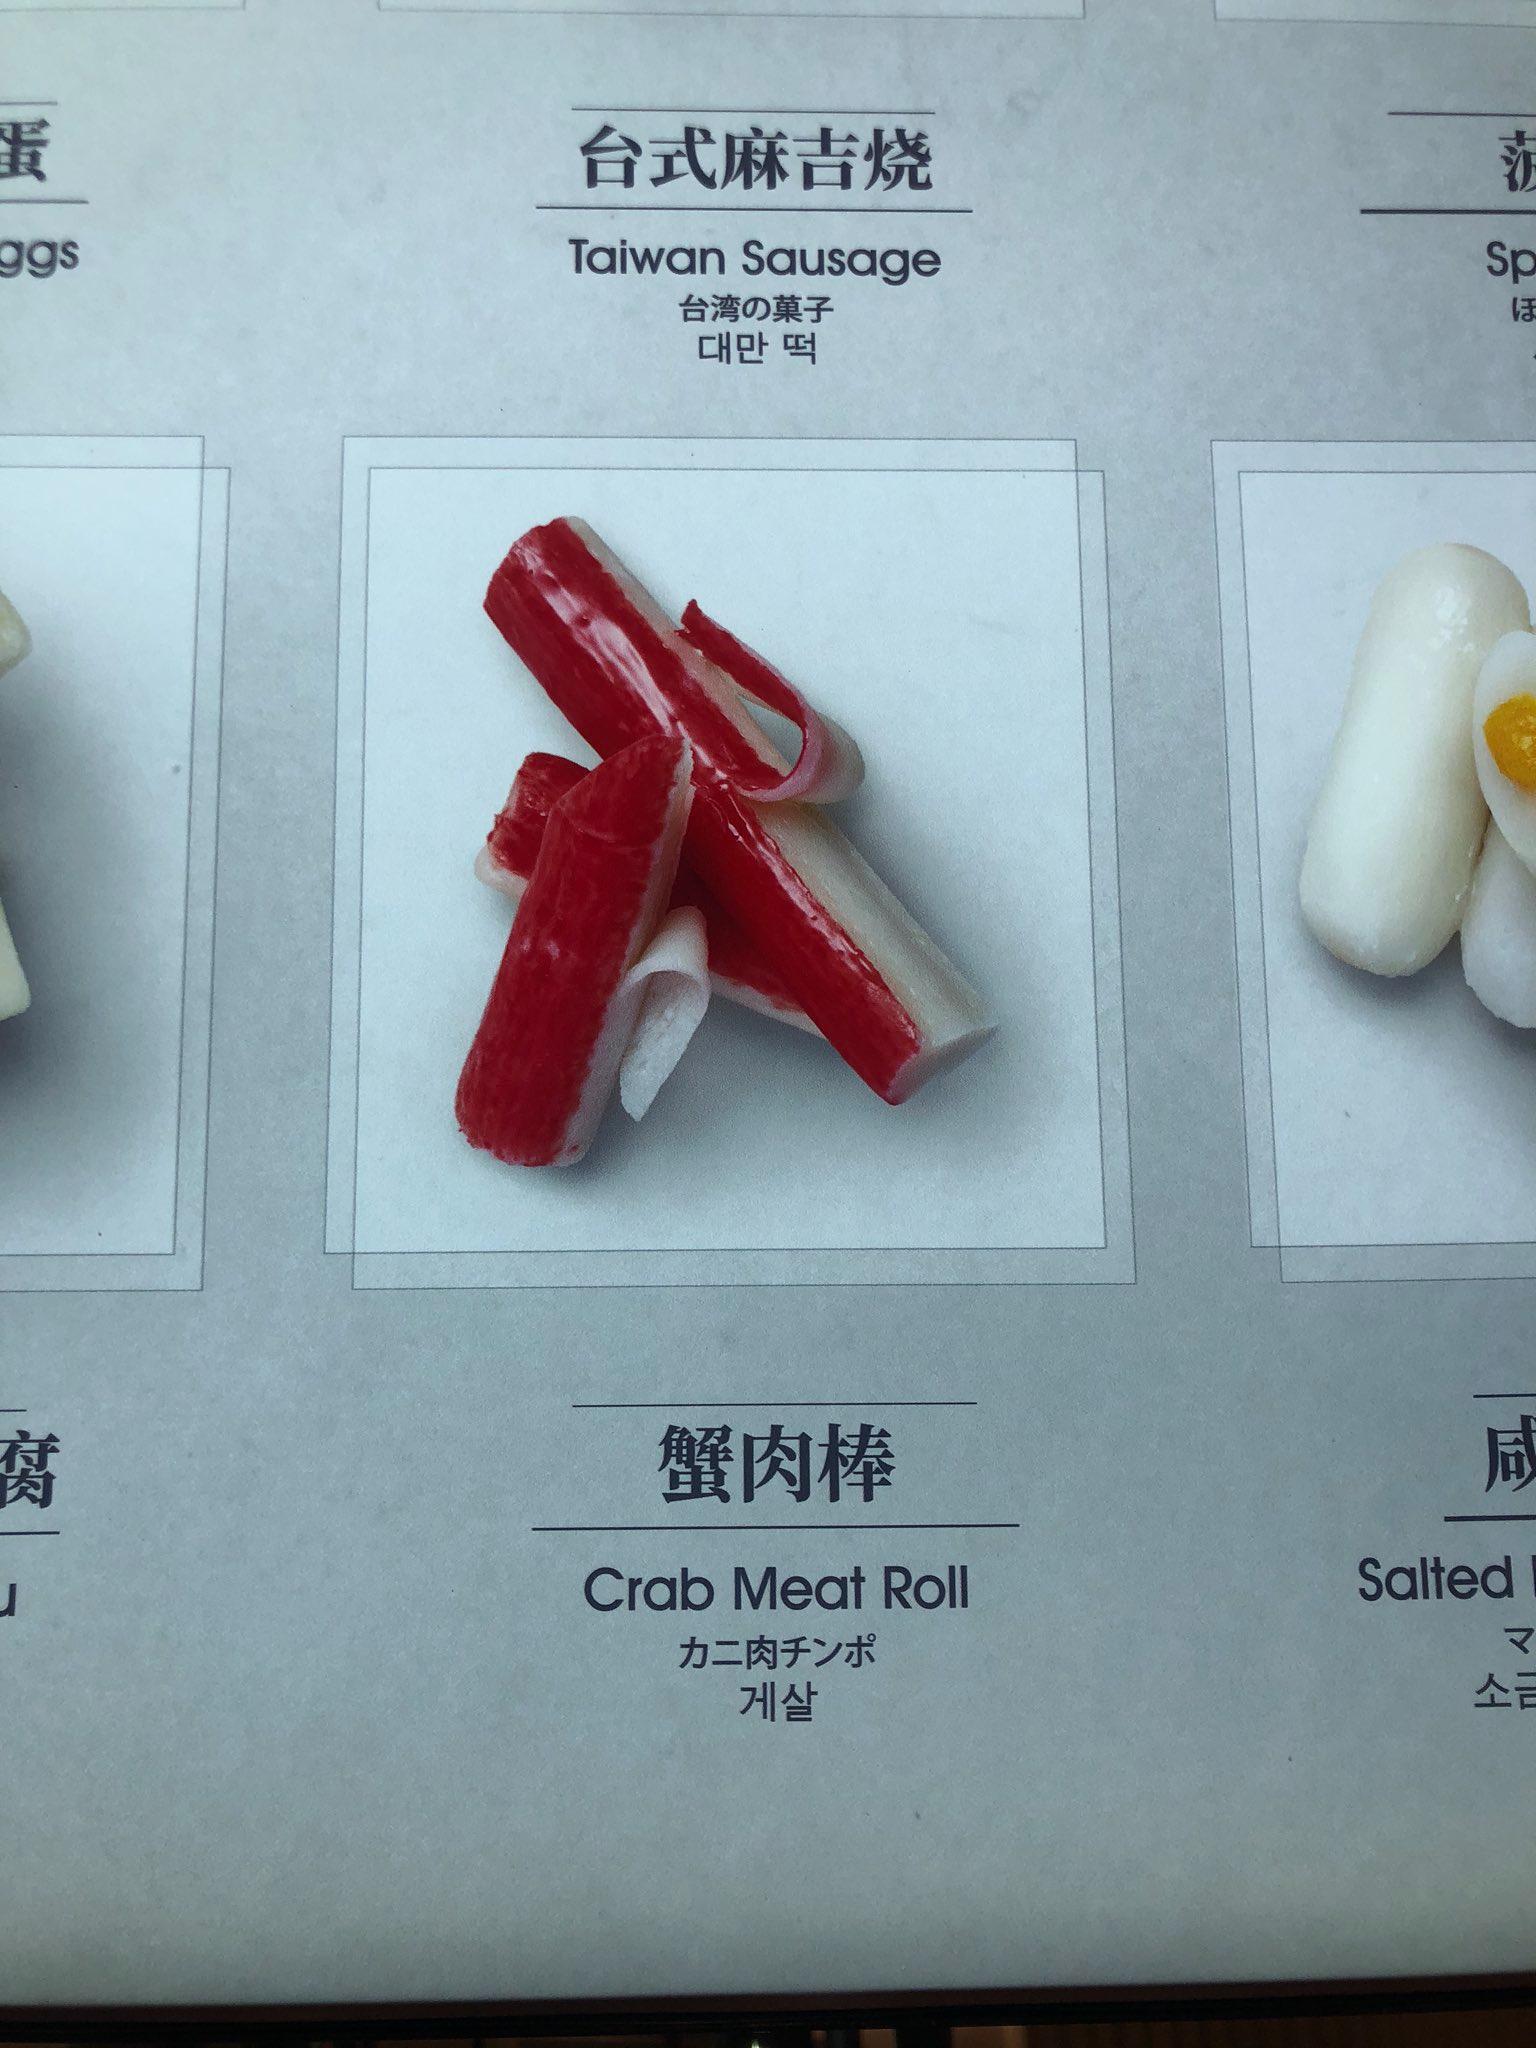 【画像】中国の食材がやばすぎてワロタwwwwwwwwww